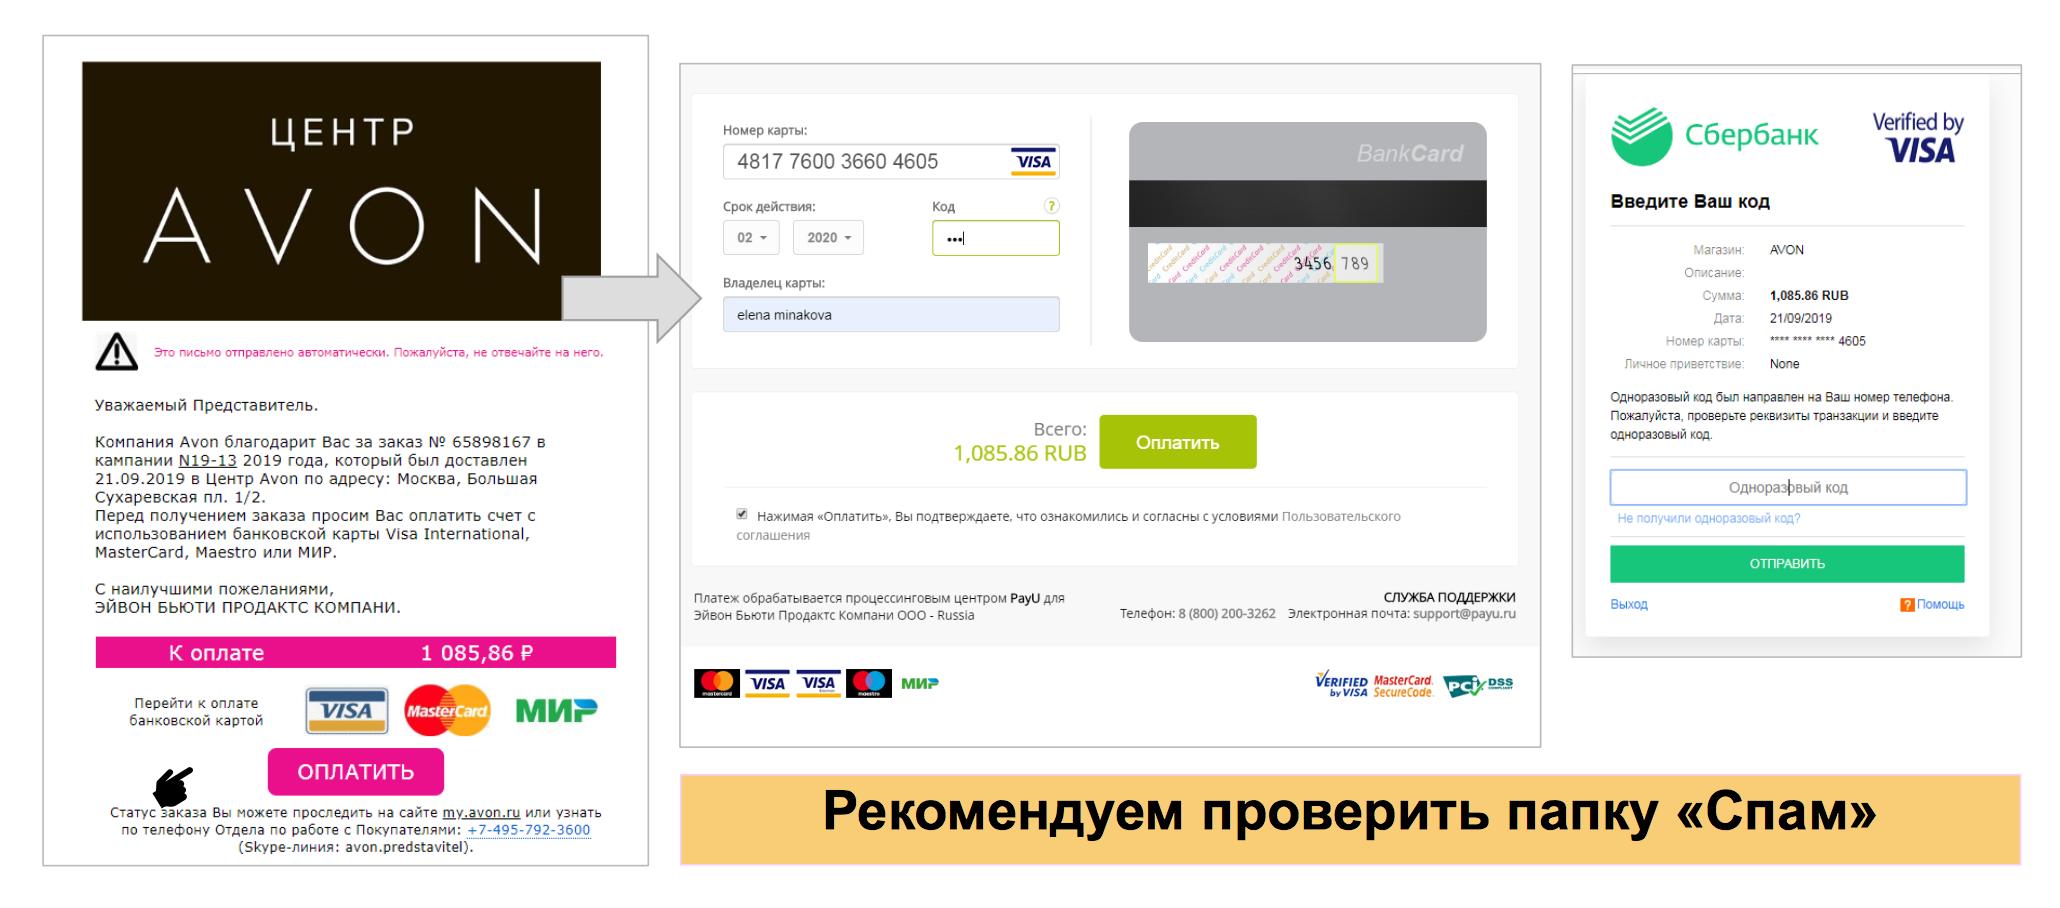 Avon оплата заказать крымская косметика купить москва